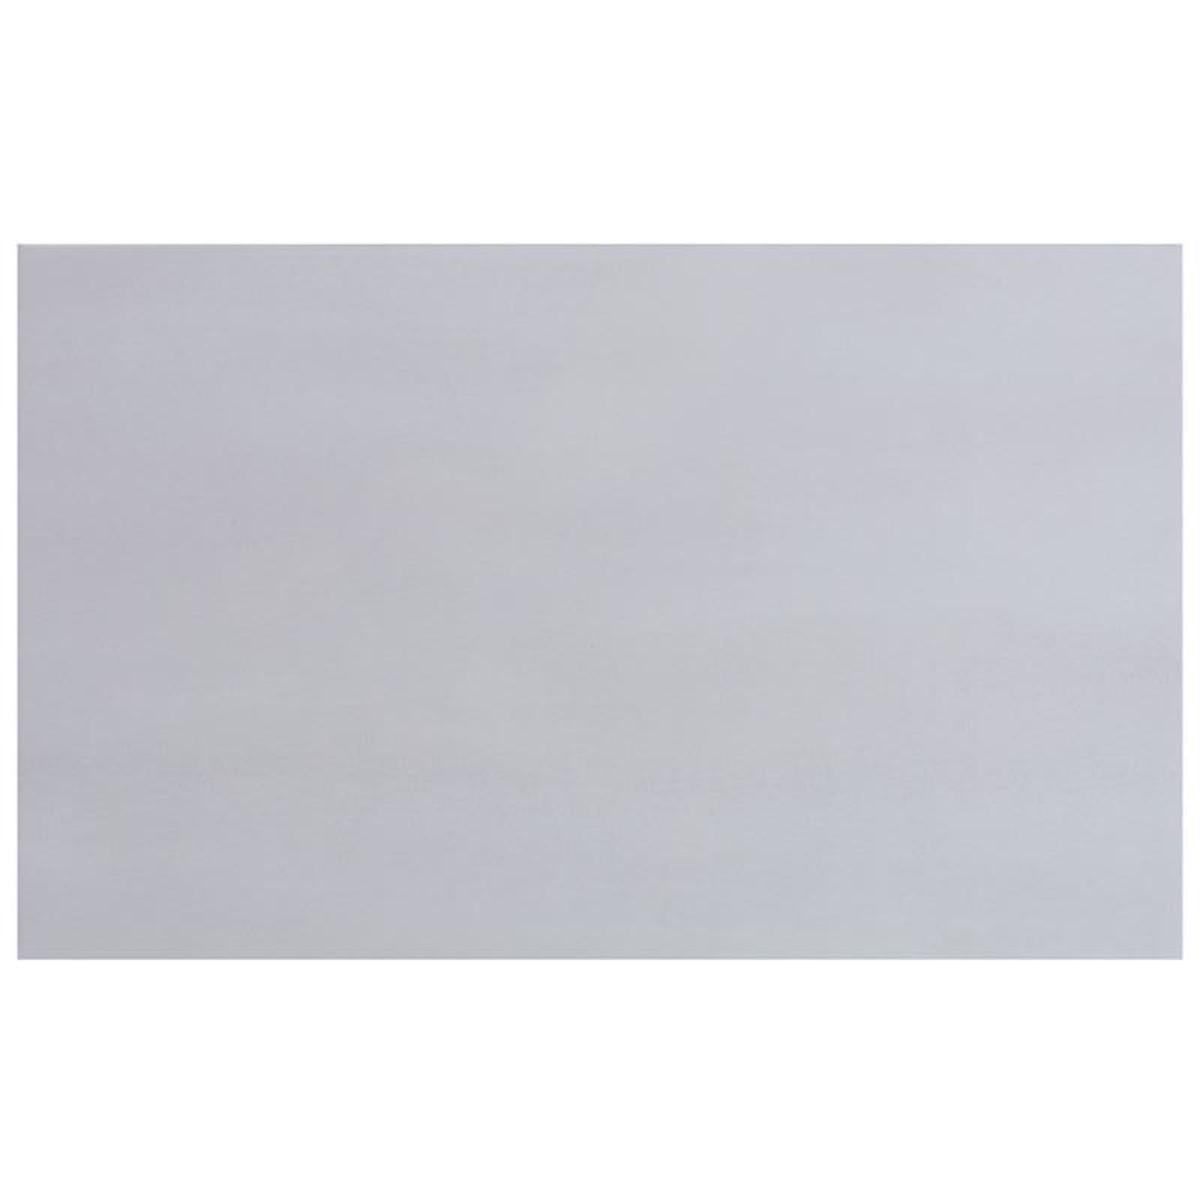 Плитка настенная Аверно 25х40 см 1.1 м2 цвет бежевый